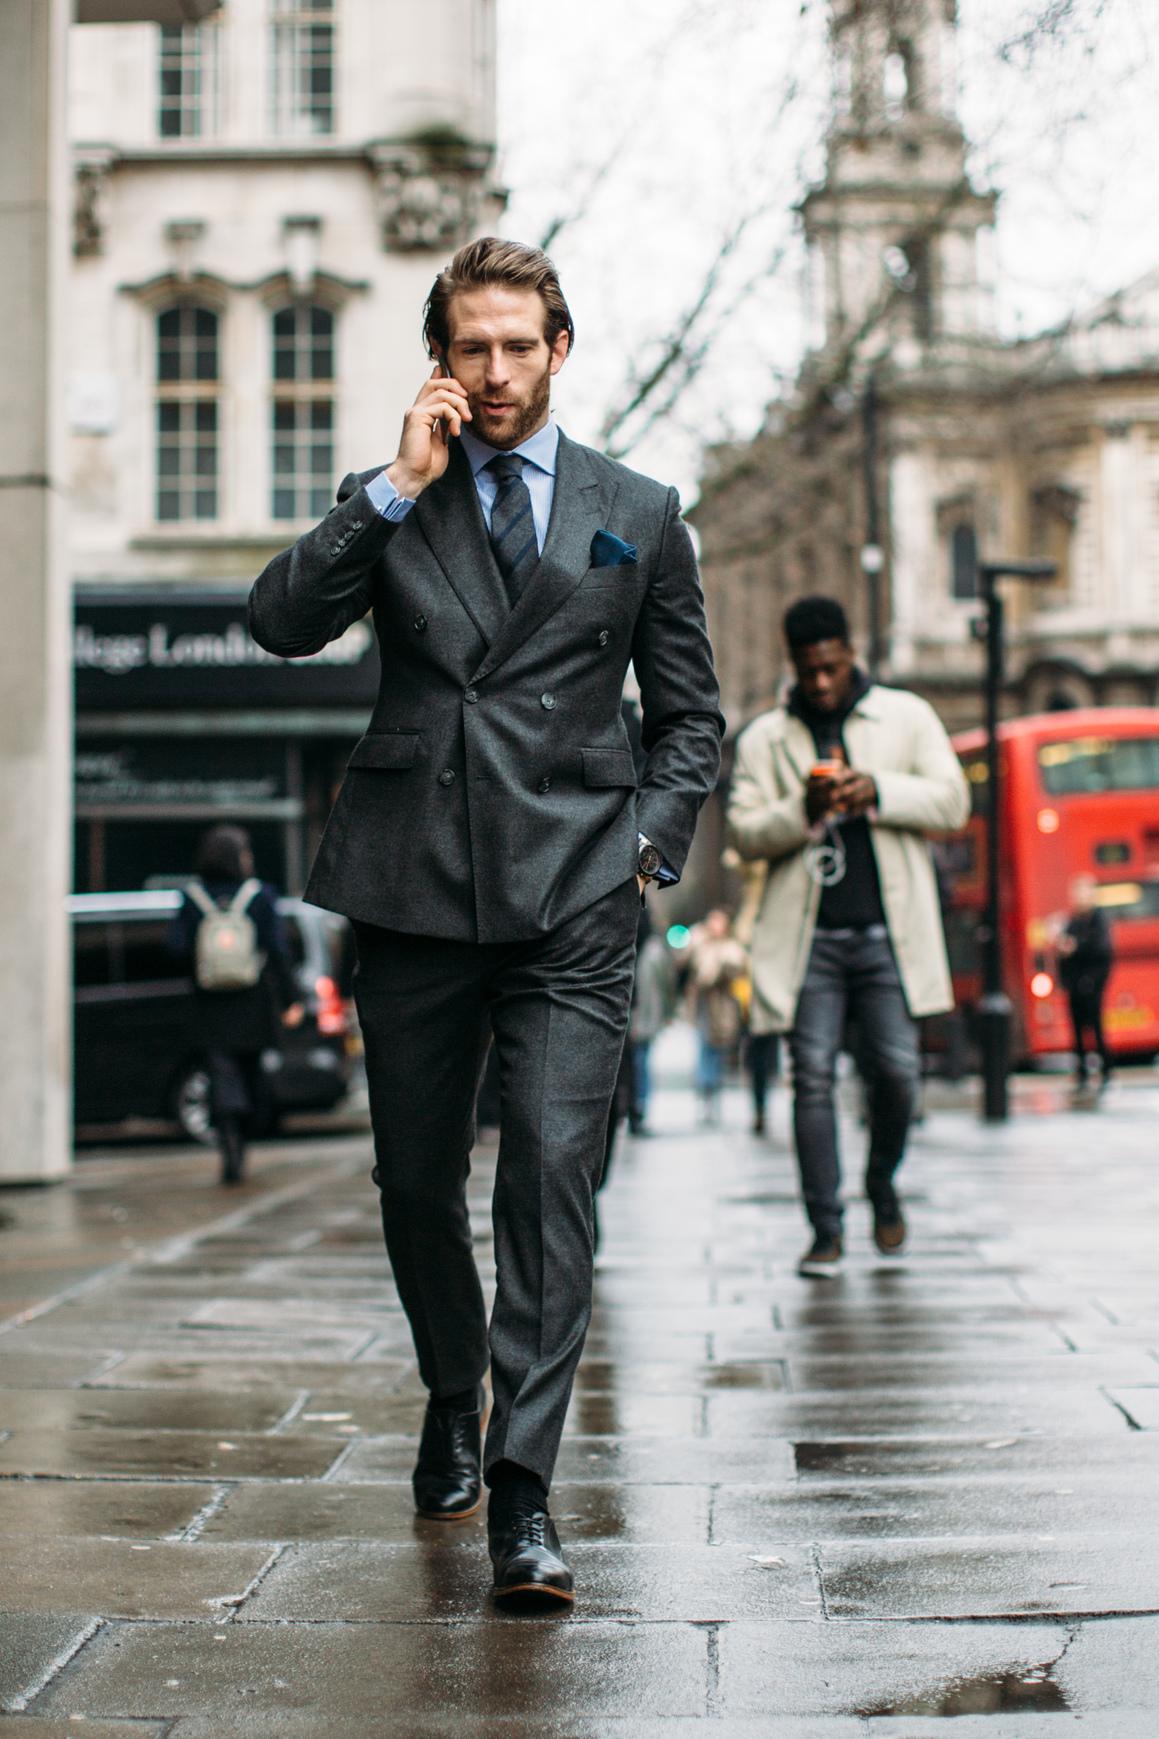 Gładki garnitur idealnie podkreśla perfekcyjną sylwetkę